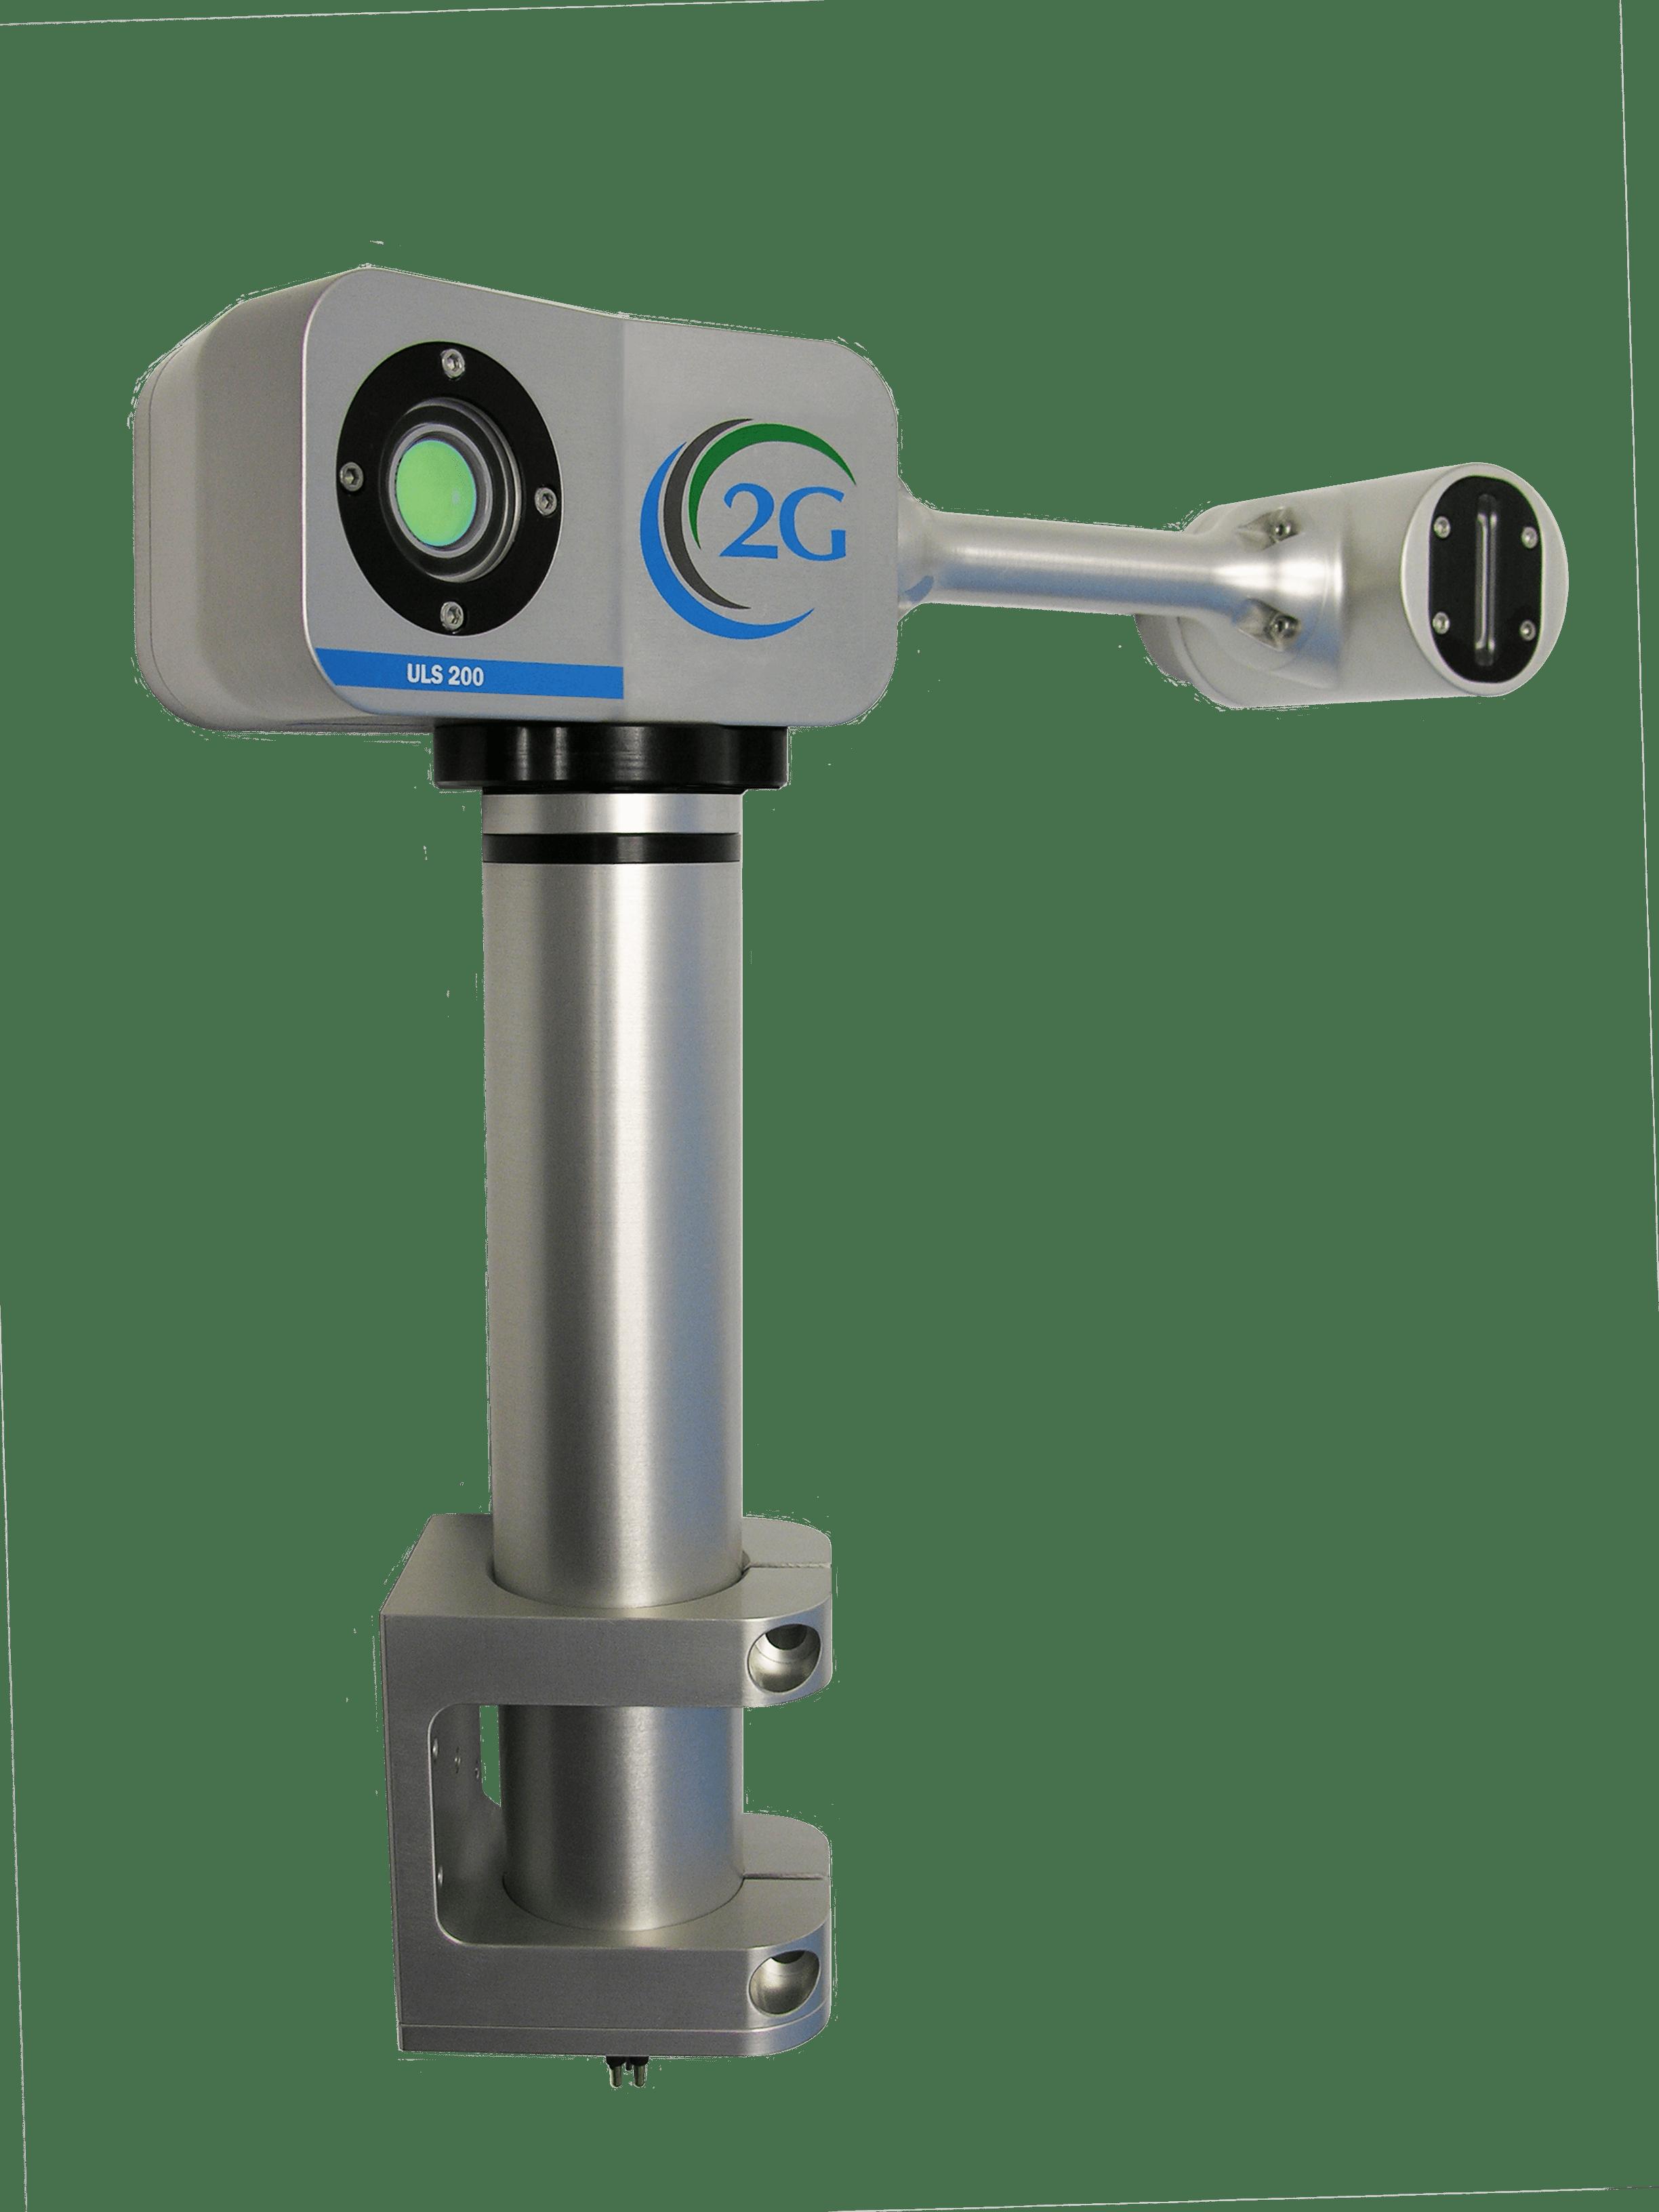 aus-rov_underwater_laserscanner_2g_robotics.png